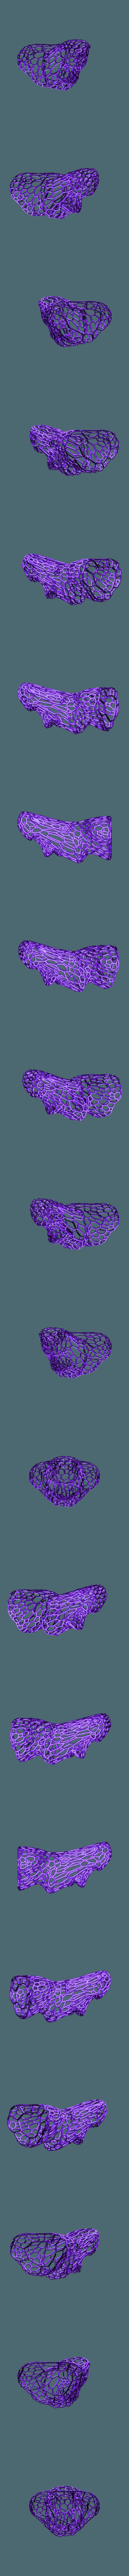 moai voro 6cm.stl Télécharger fichier STL gratuit Moai Voronoi • Modèle imprimable en 3D, sandygantois